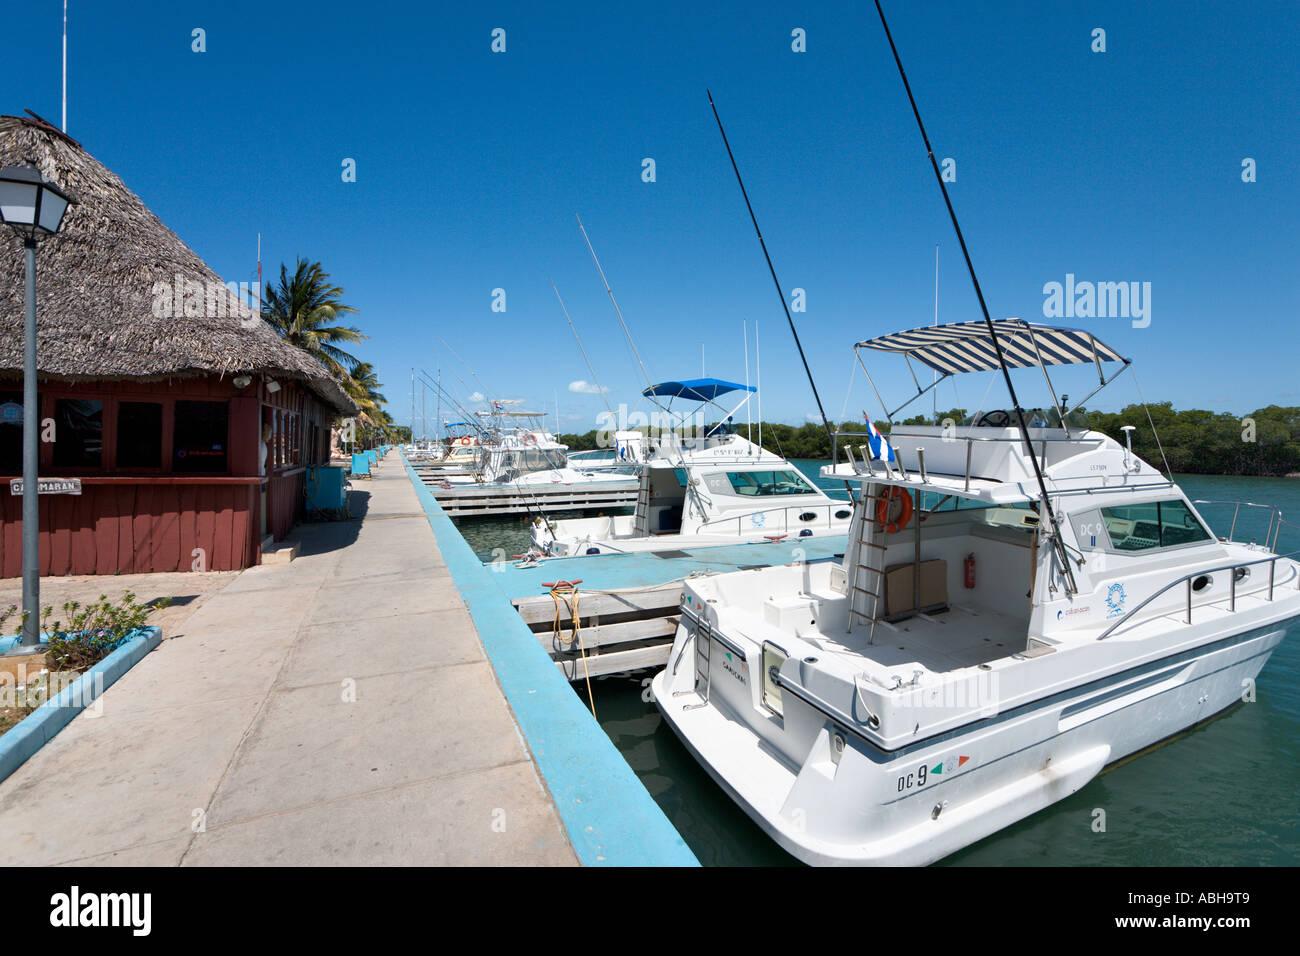 Fishing charter boats at Chapelin Marina in the resort area of Varadero, Cuba - Stock Image